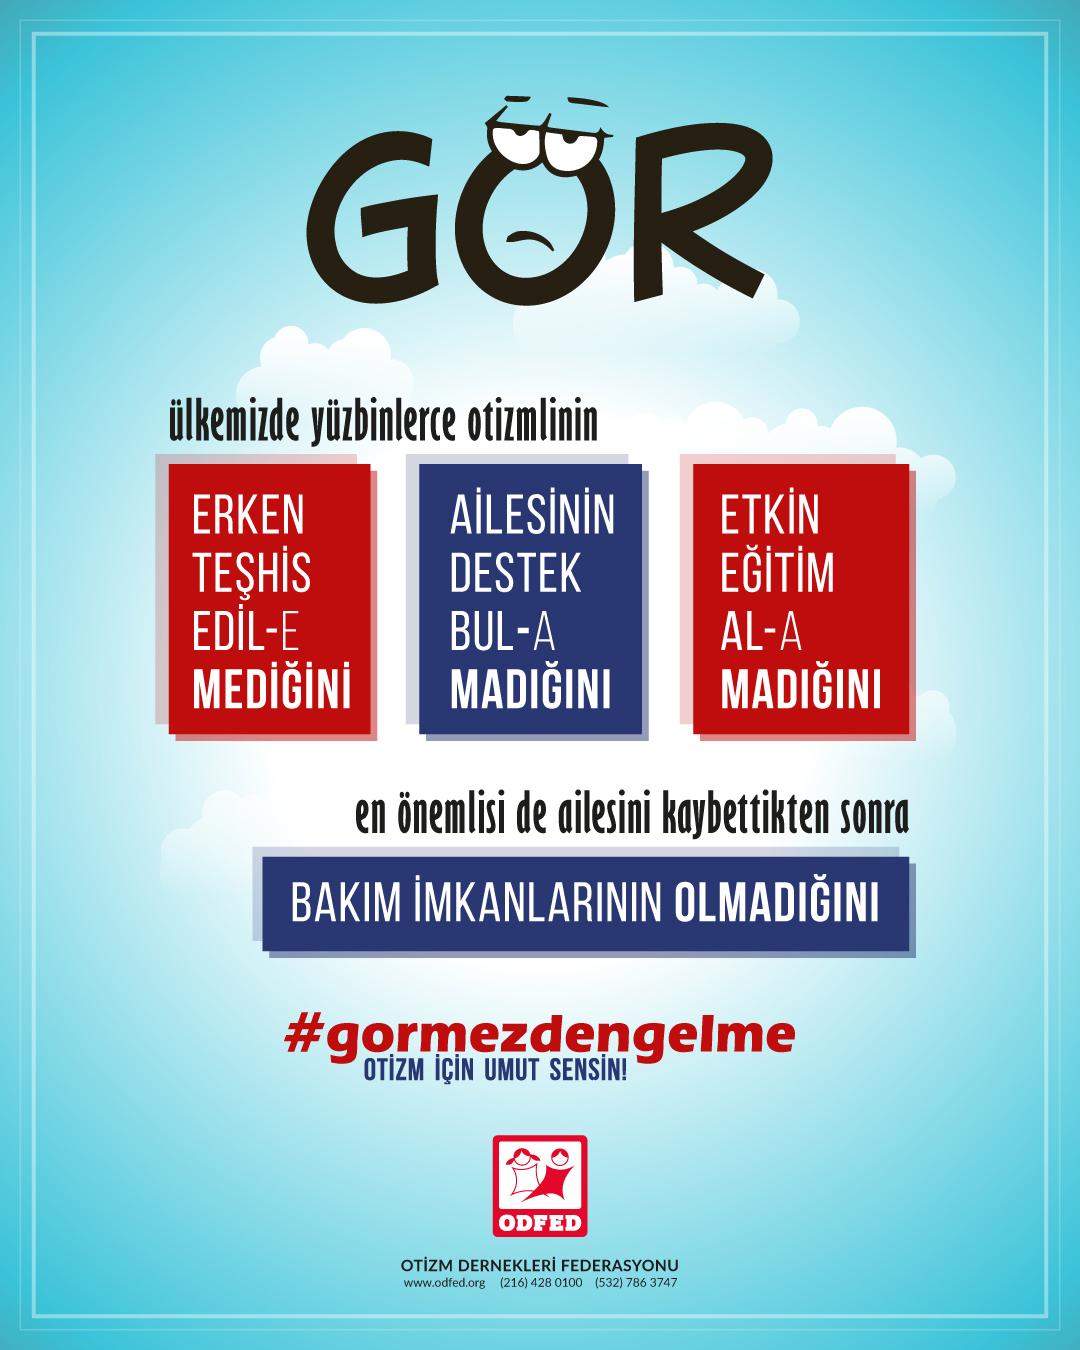 Gor-1-InstagramImage-1080x1350 (1)